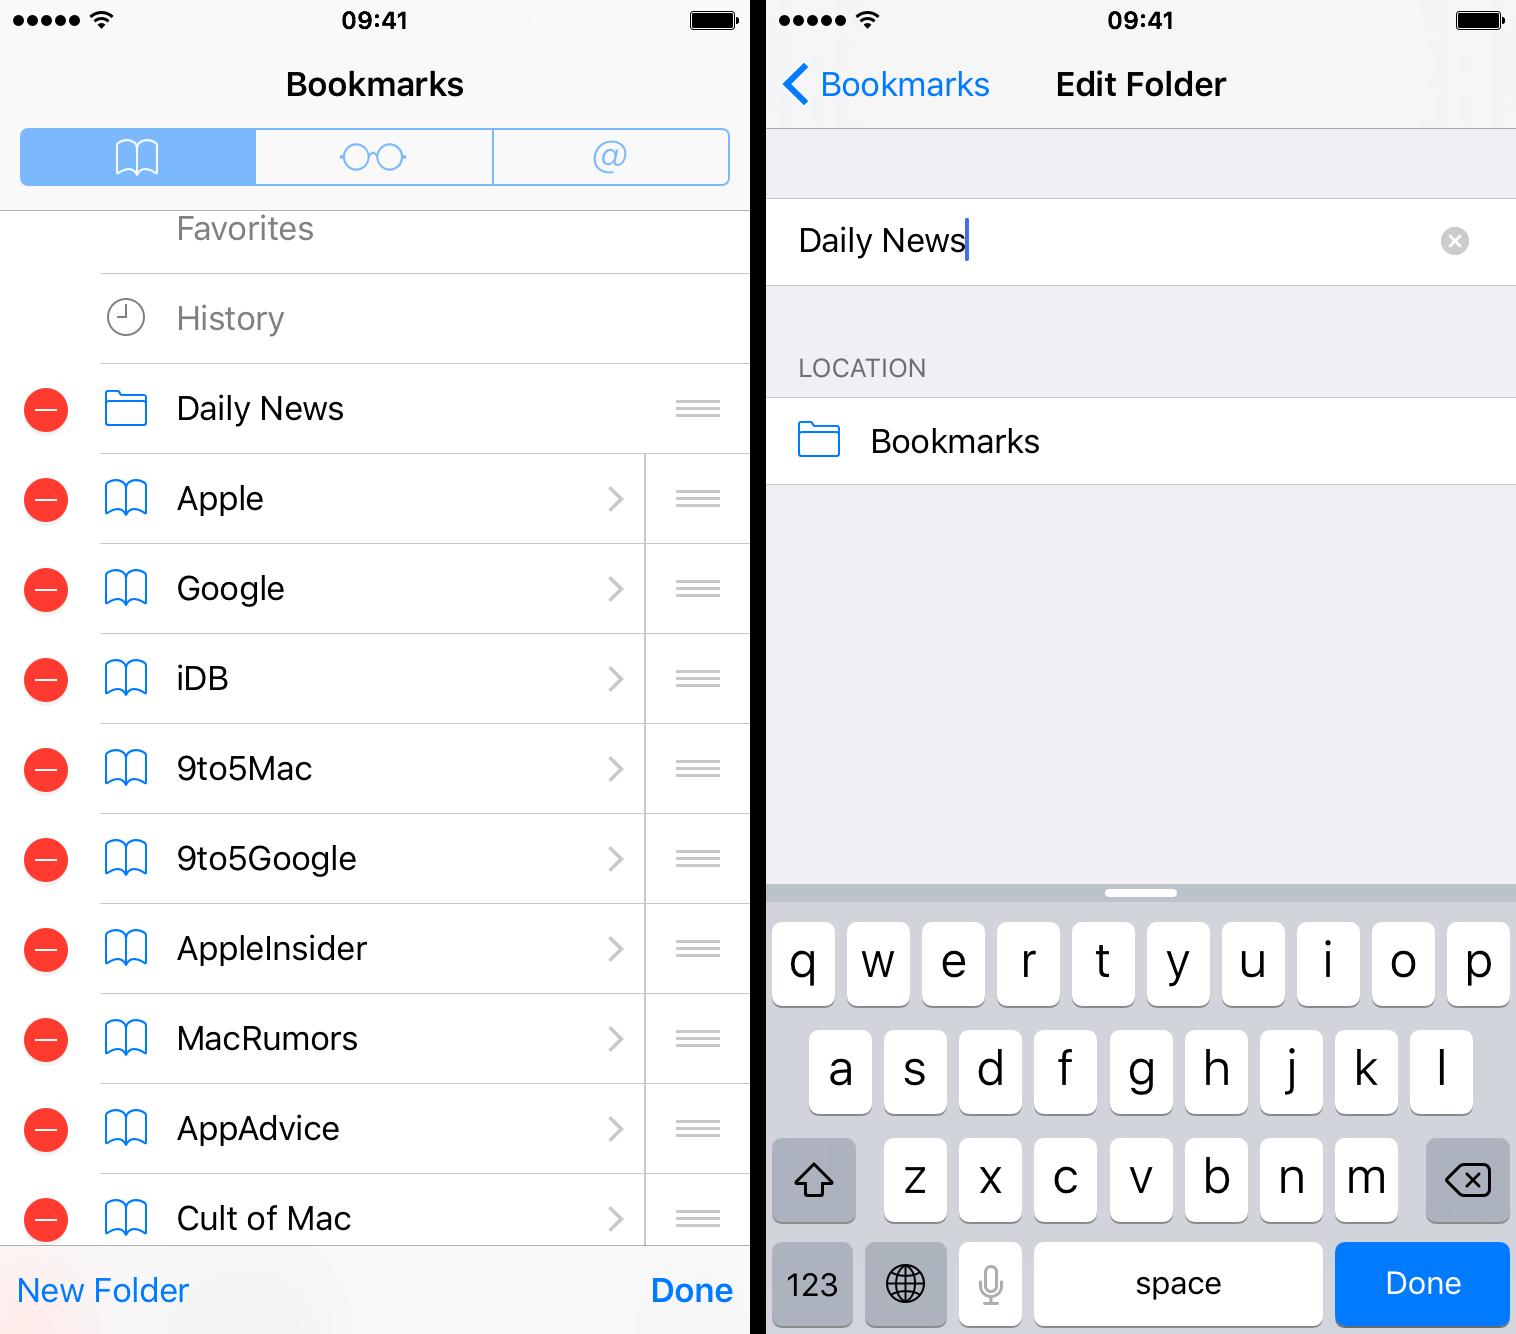 Cómo cambiar el nombre de las carpetas de marcadores en iPhone